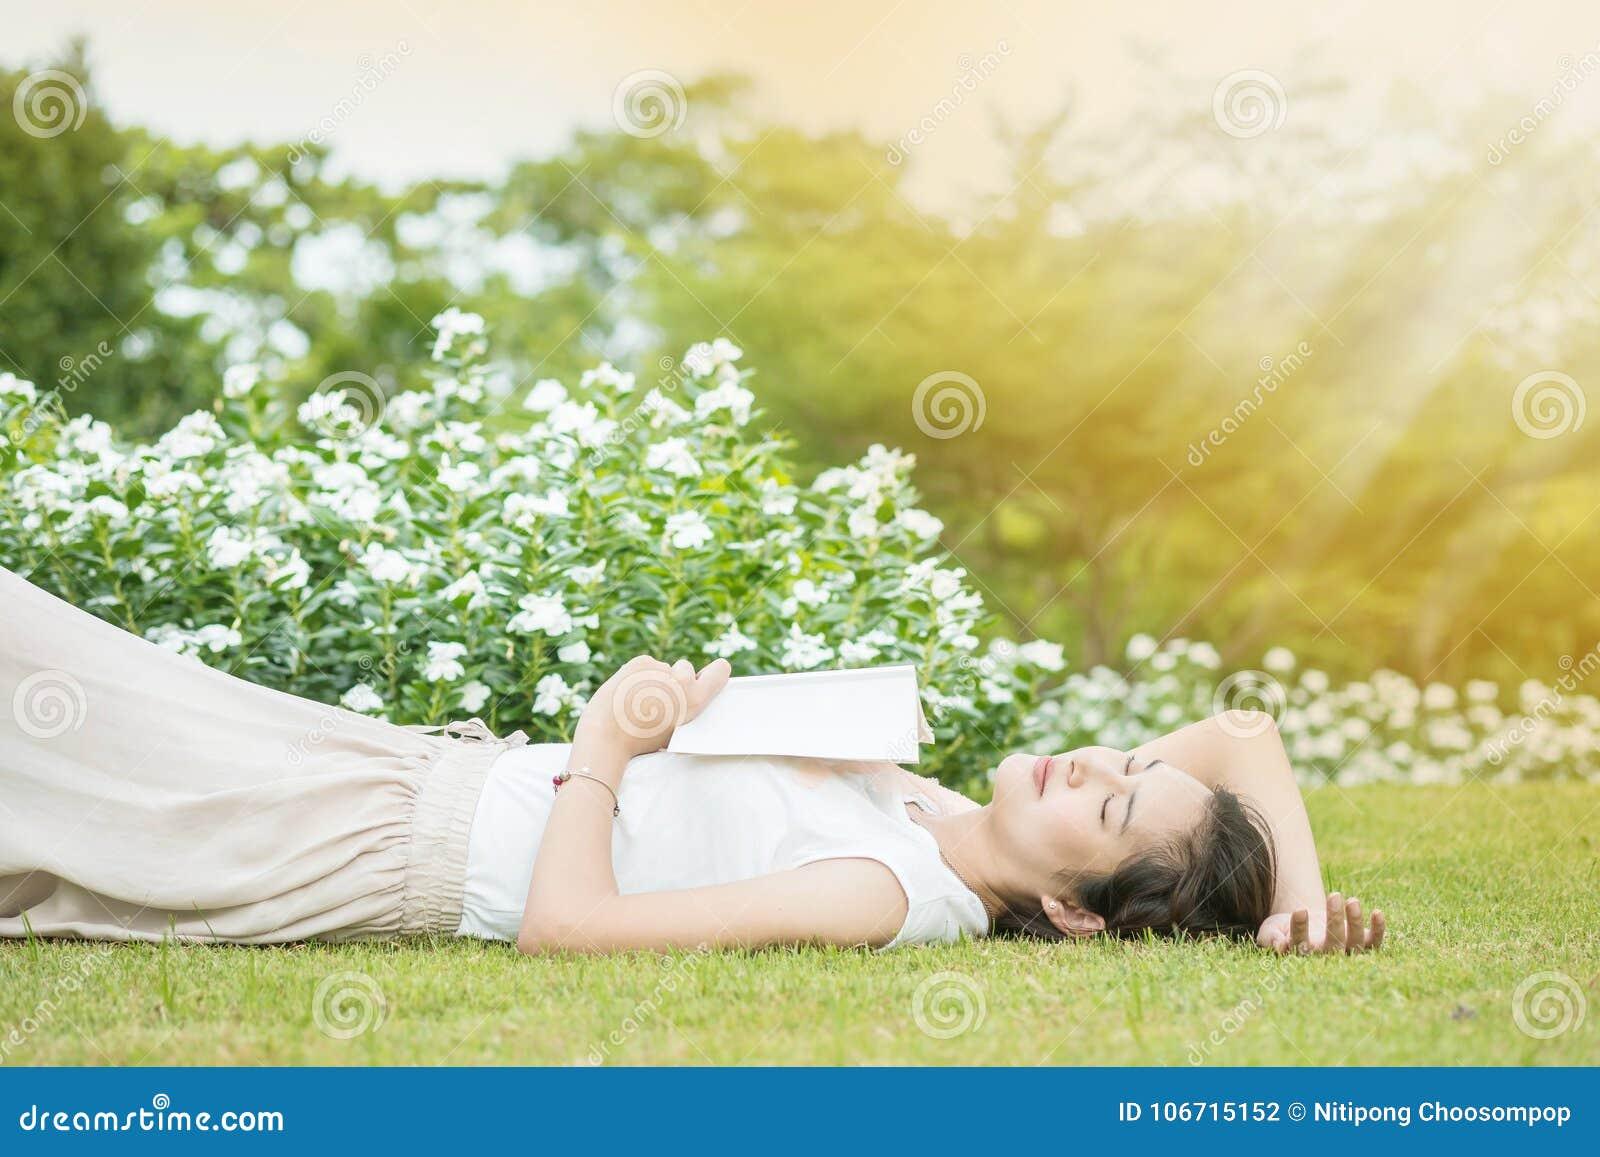 Campo de hierba de mentira de la mujer asiática después de que ella cansara para la lectura un libro por la tarde